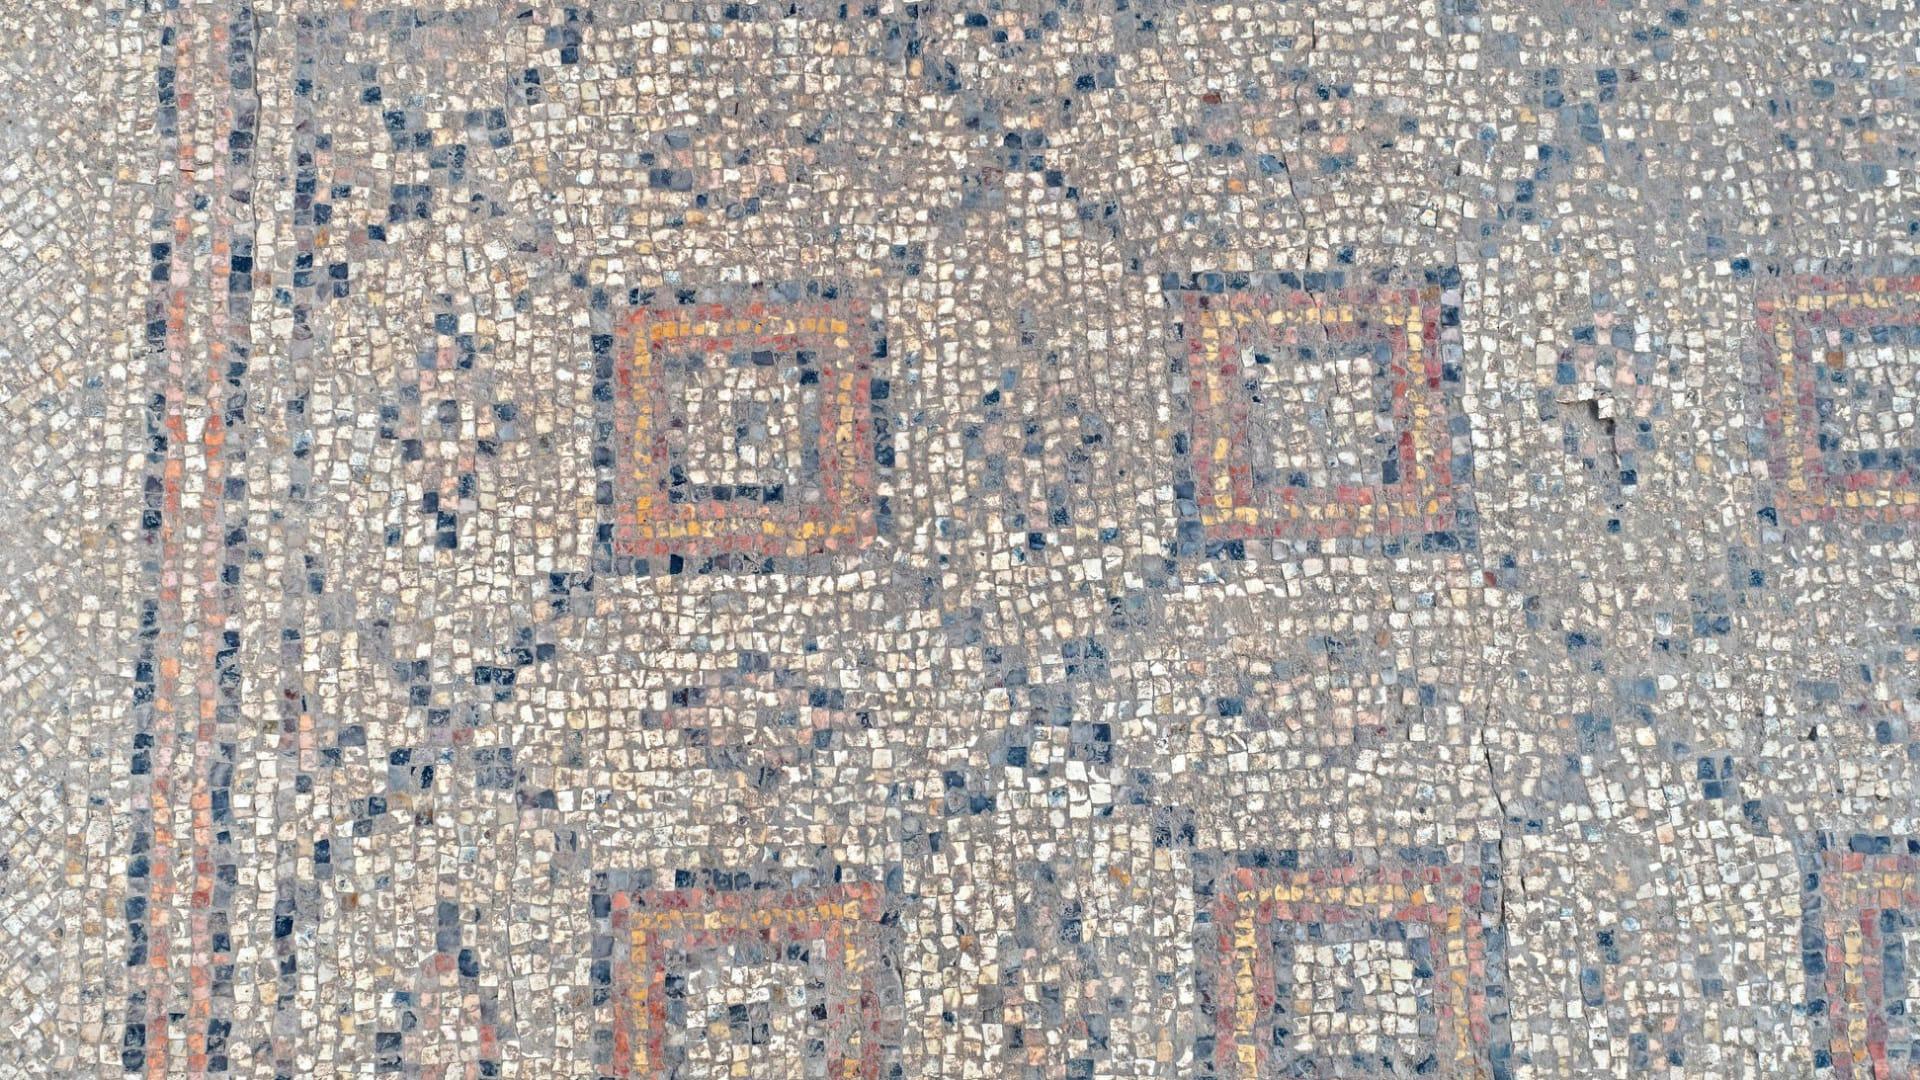 محفوظة بشكل جيد.. علماء آثار يكتشفون فسيفساء عمرها 1،600 عام في إسرائيل